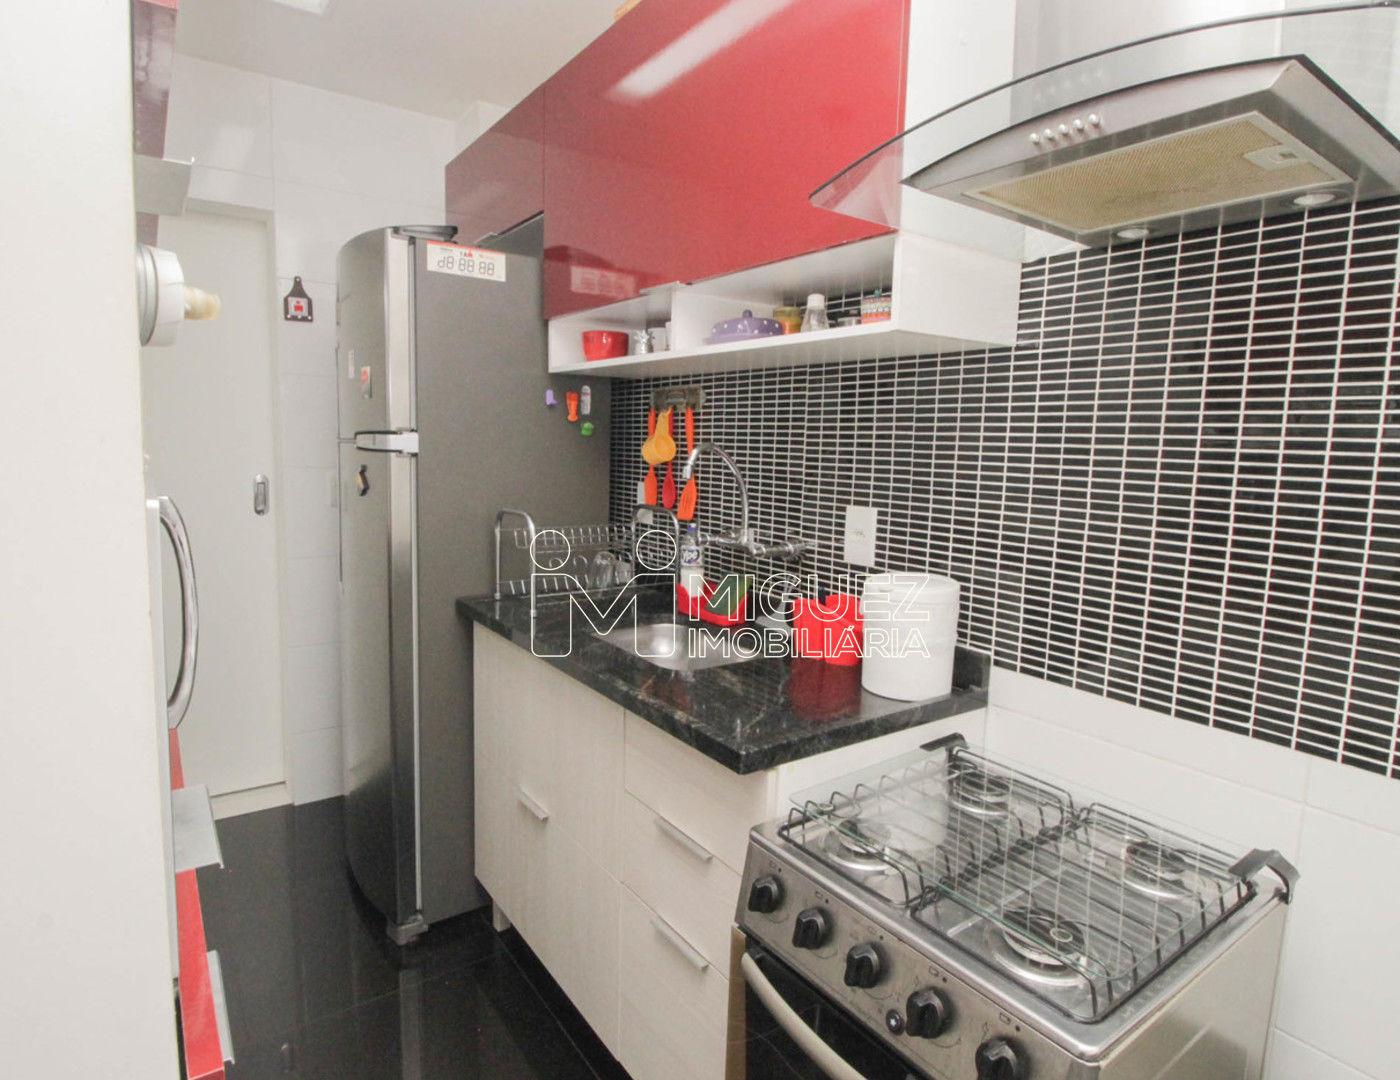 Apartamento, aluguel, Rua Barão de Mesquita - Tijuca , Rio de janeiro